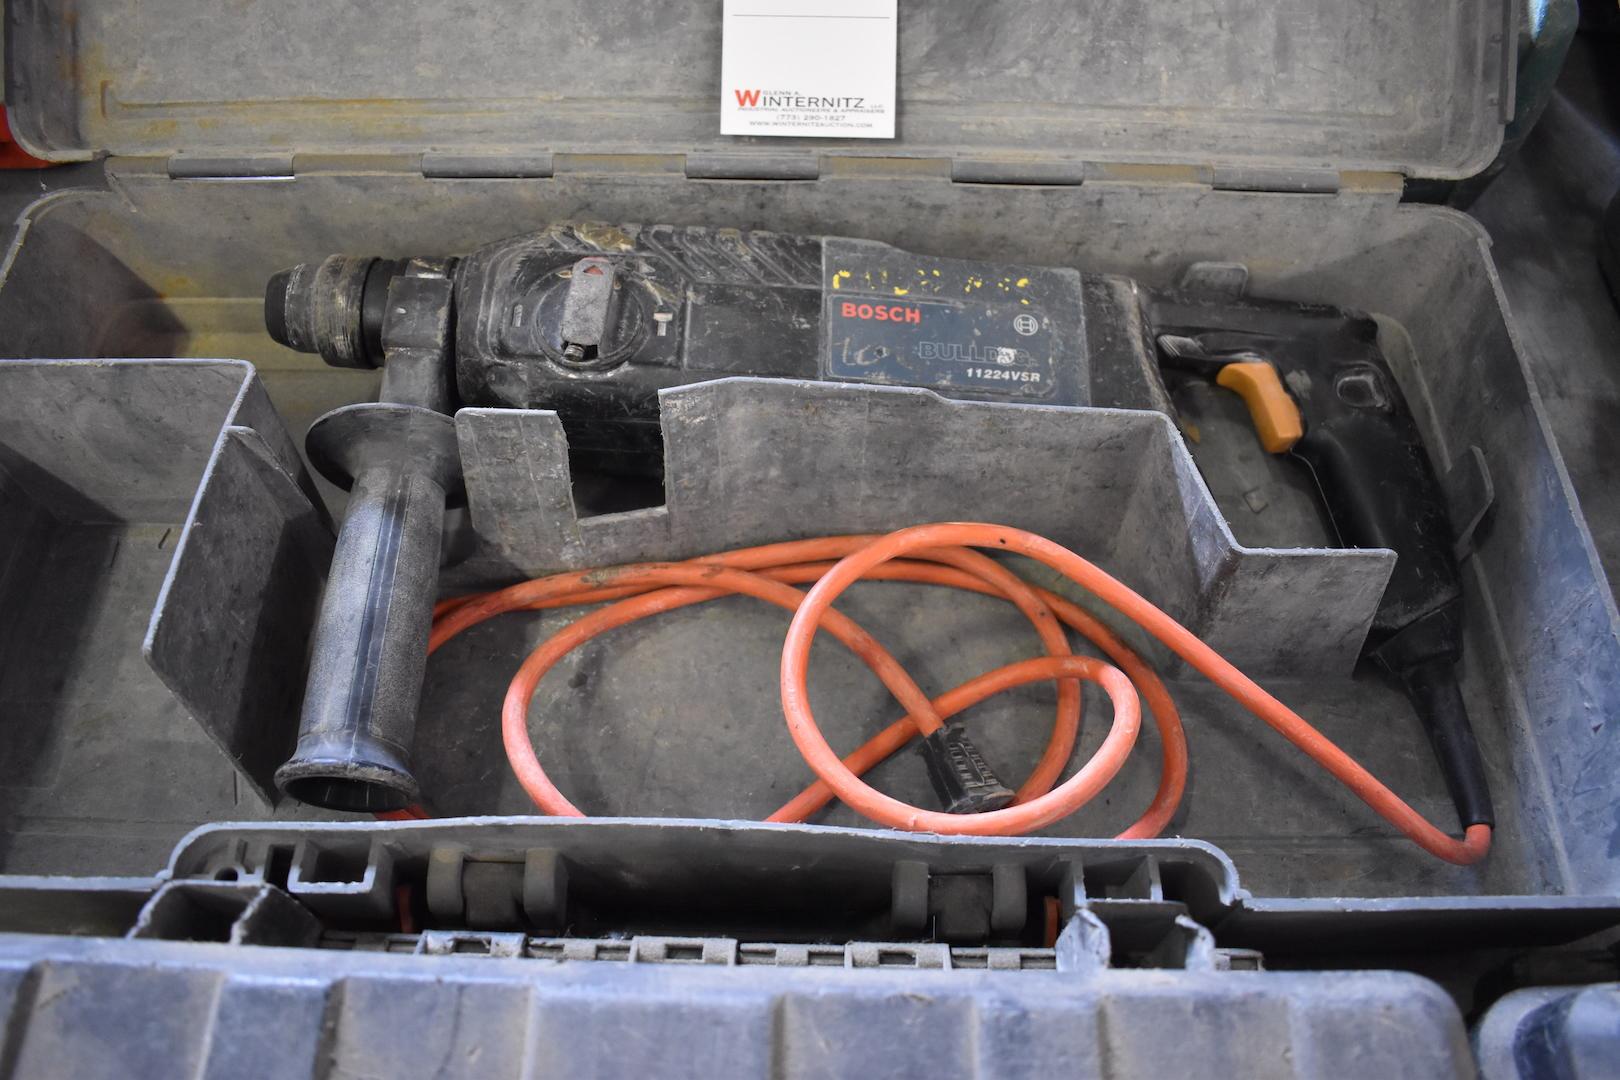 Lot 9 - Bosch Bull Dog Model 11224 VSR Rotary Hammer